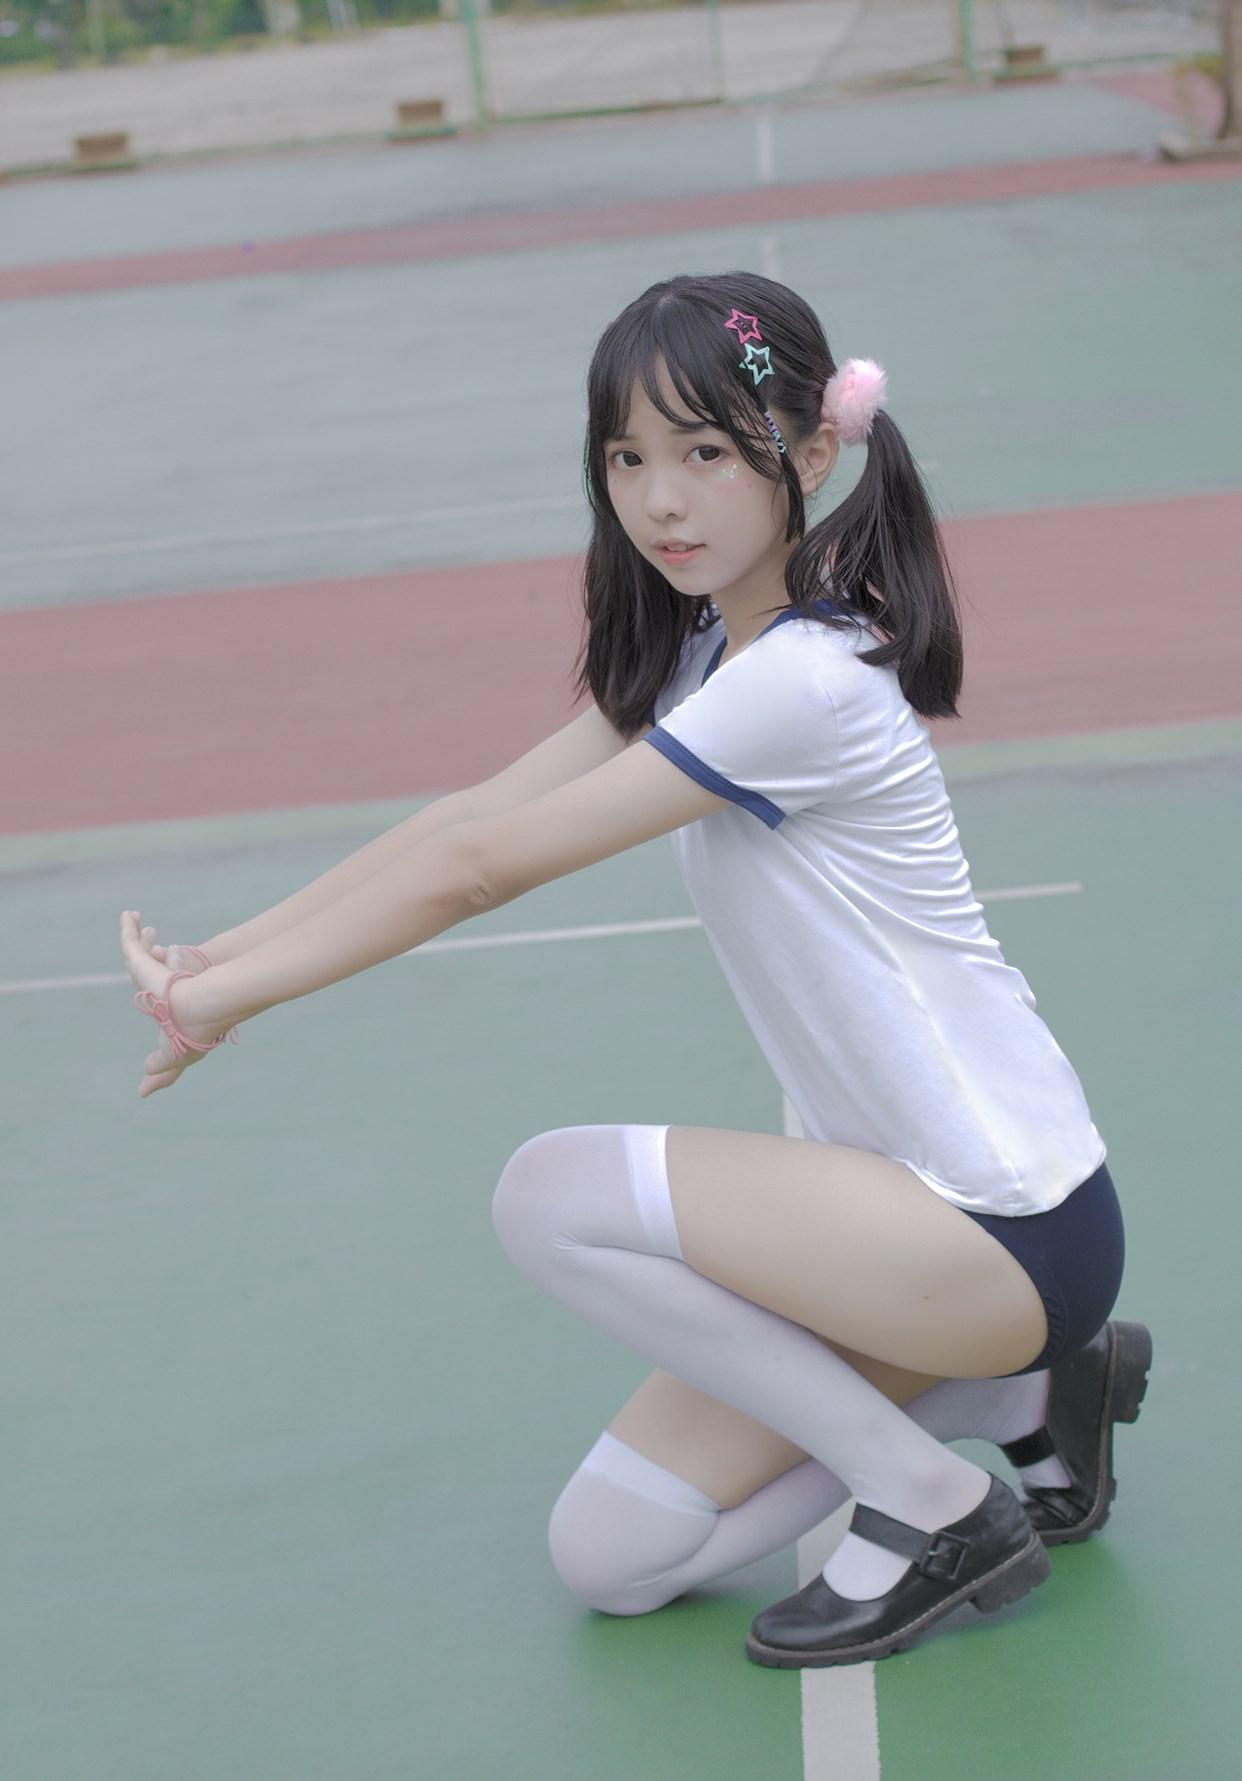 【兔玩映画】萝莉的体操服 兔玩映画 第10张